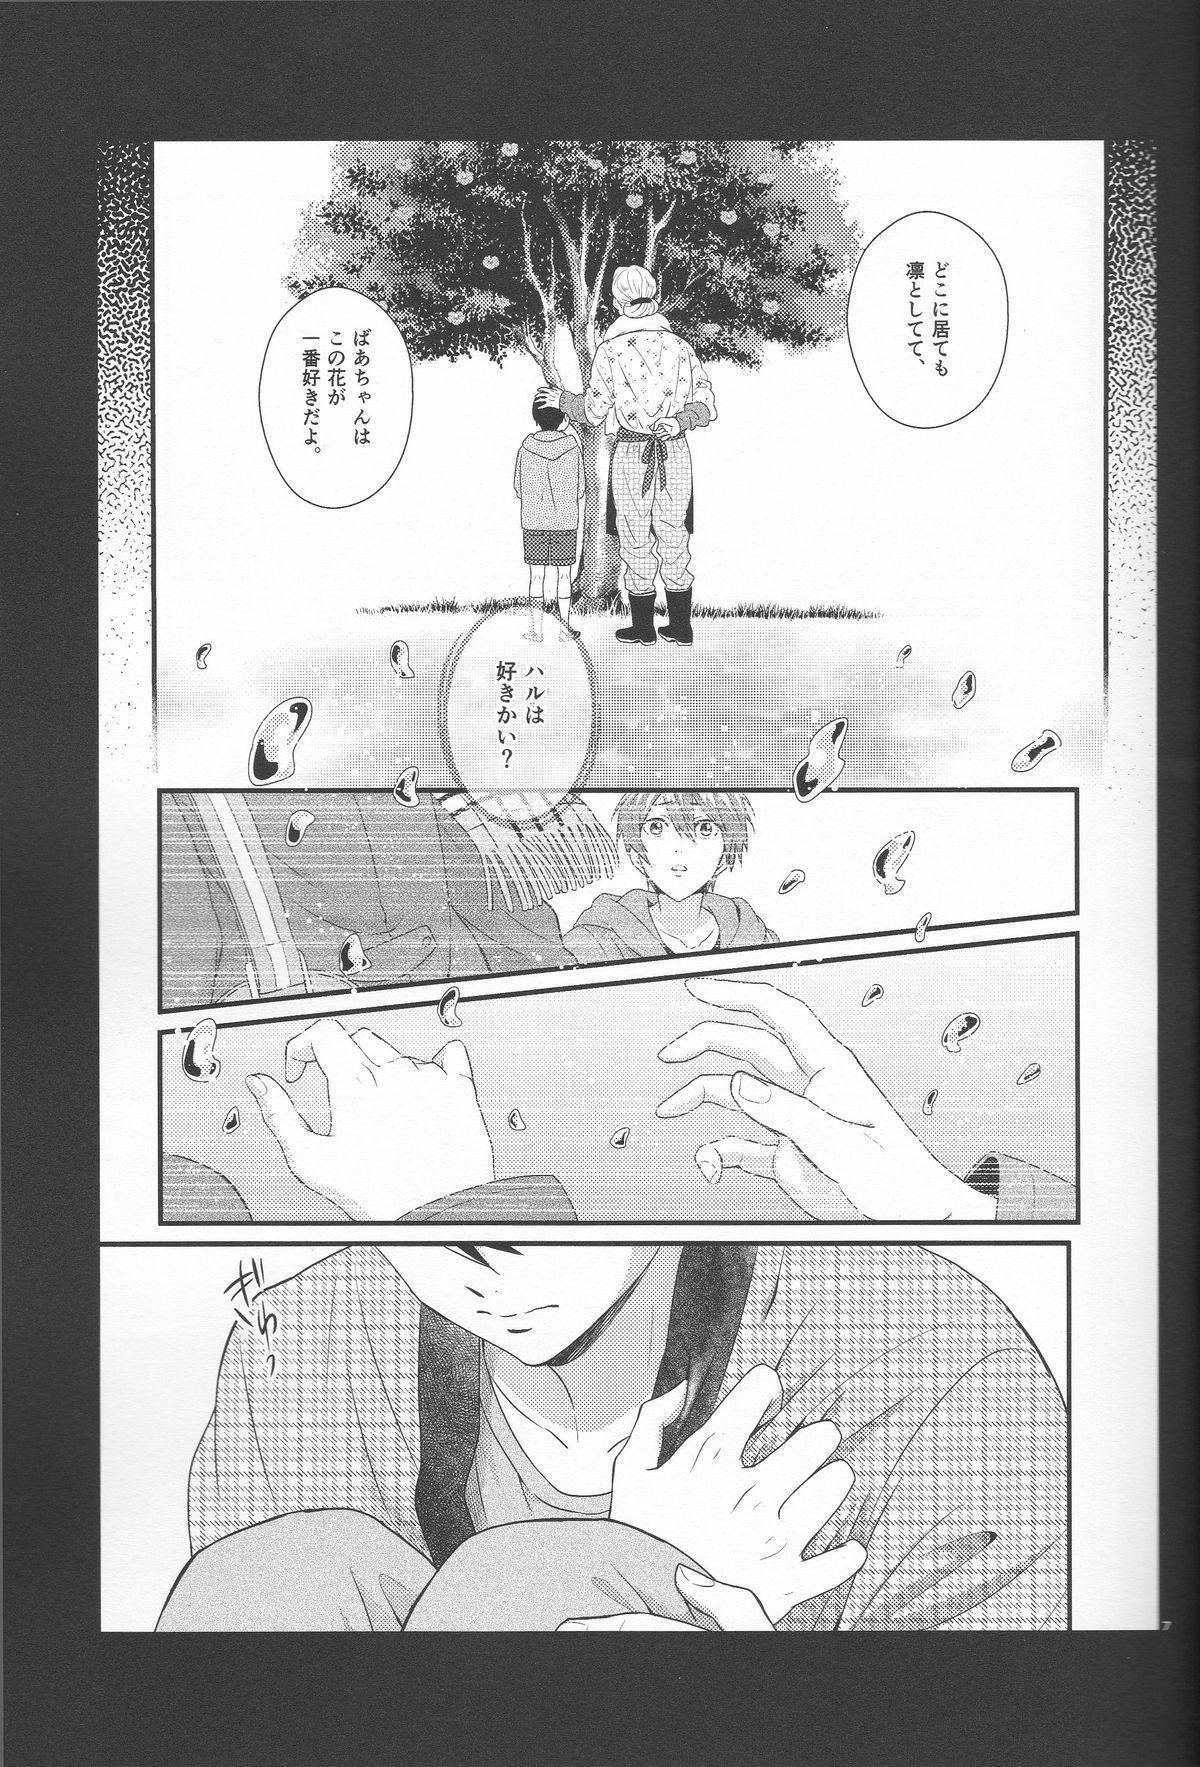 Kimi wa Shiranai - You never Know 5